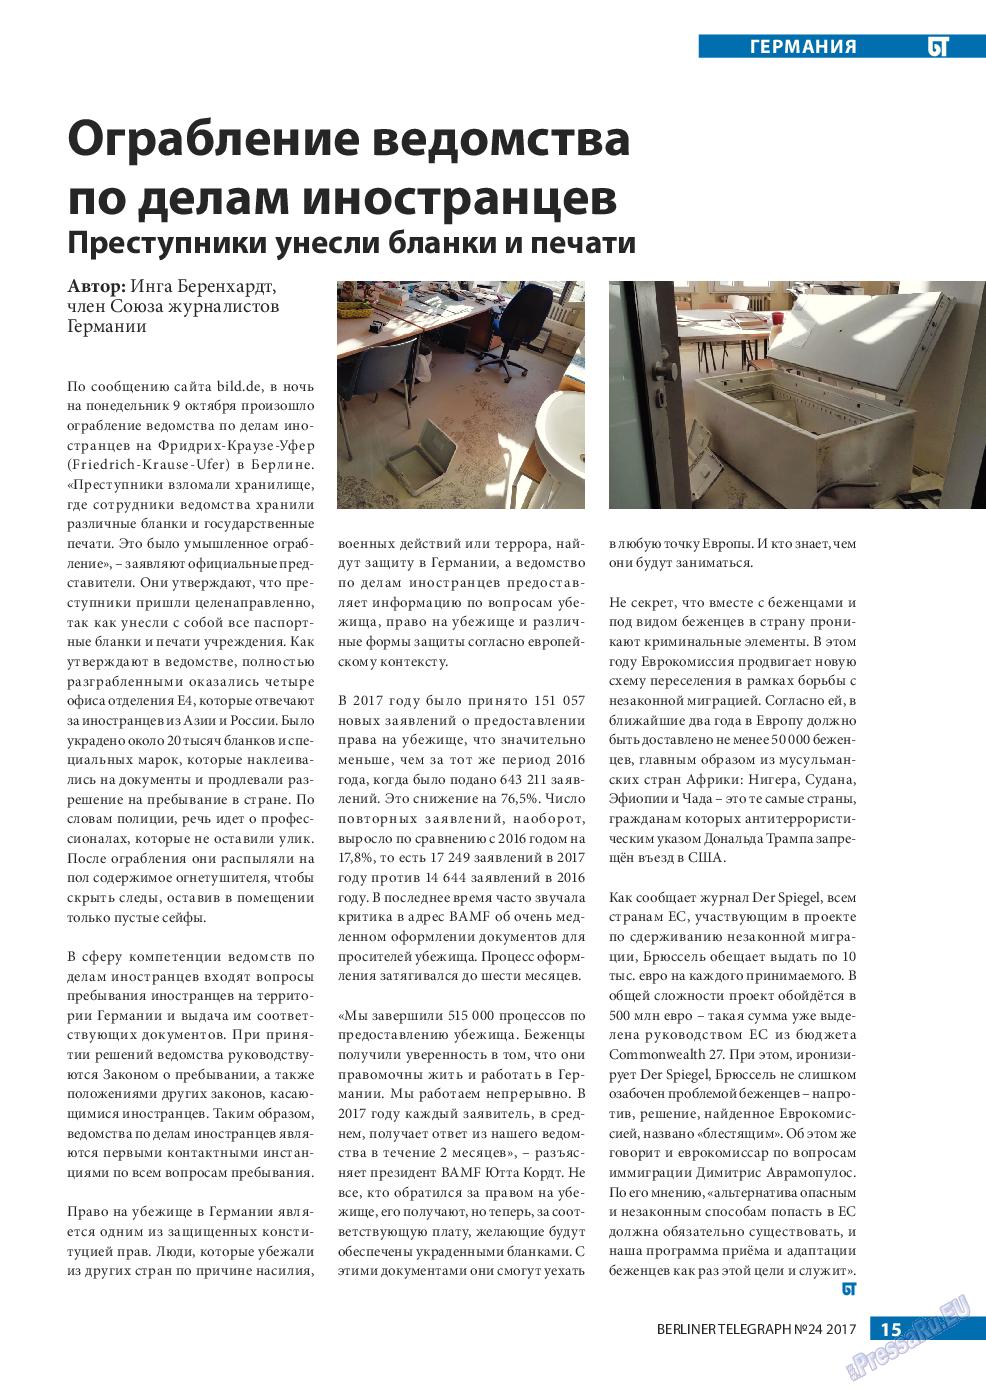 Берлинский телеграф (журнал). 2017 год, номер 24, стр. 15